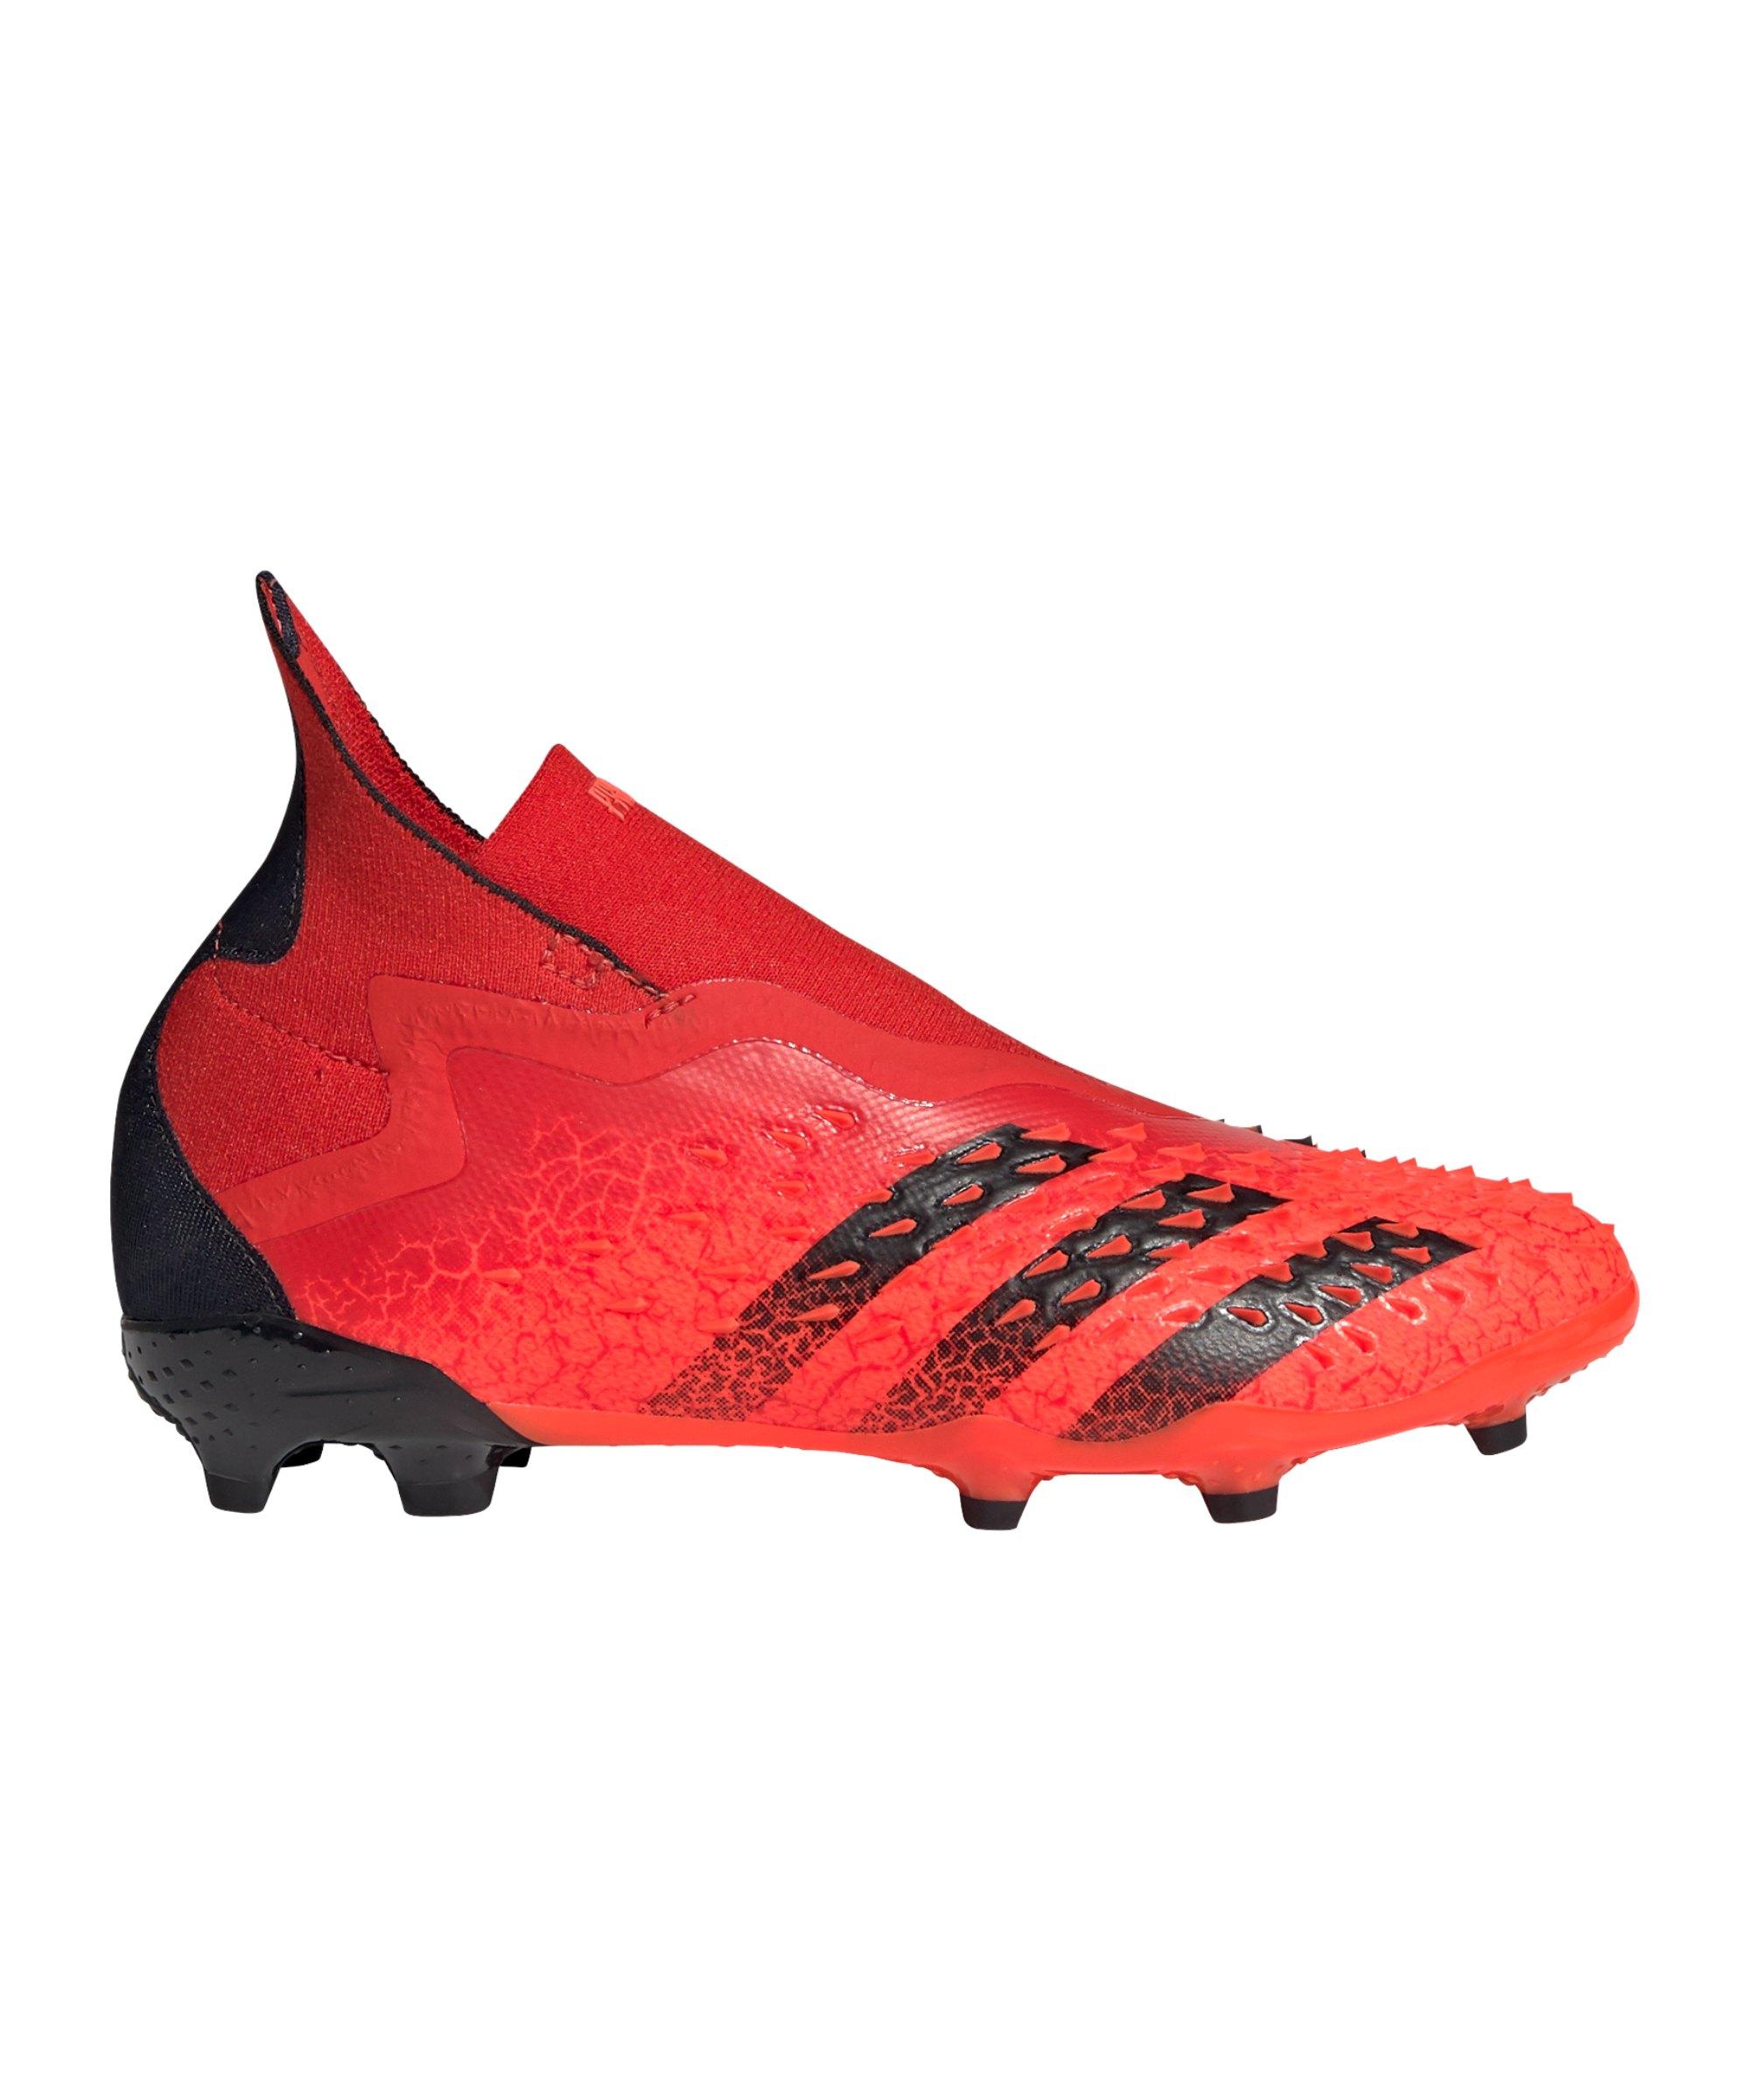 adidas Predator FREAK+ FG Meteorite J Kids Rot Schwarz - rot